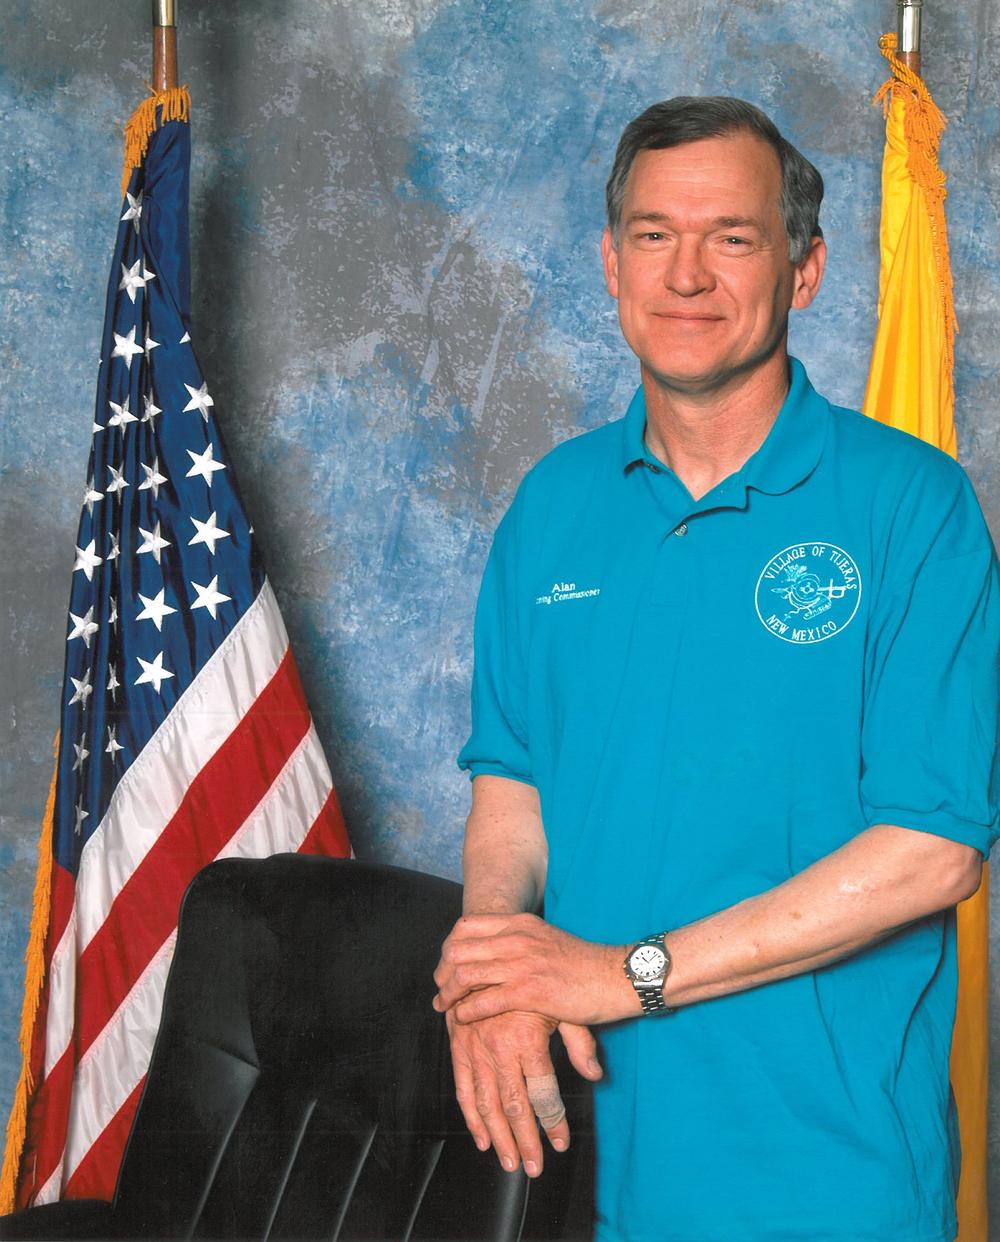 P&Z Commissioner Alan Haskins